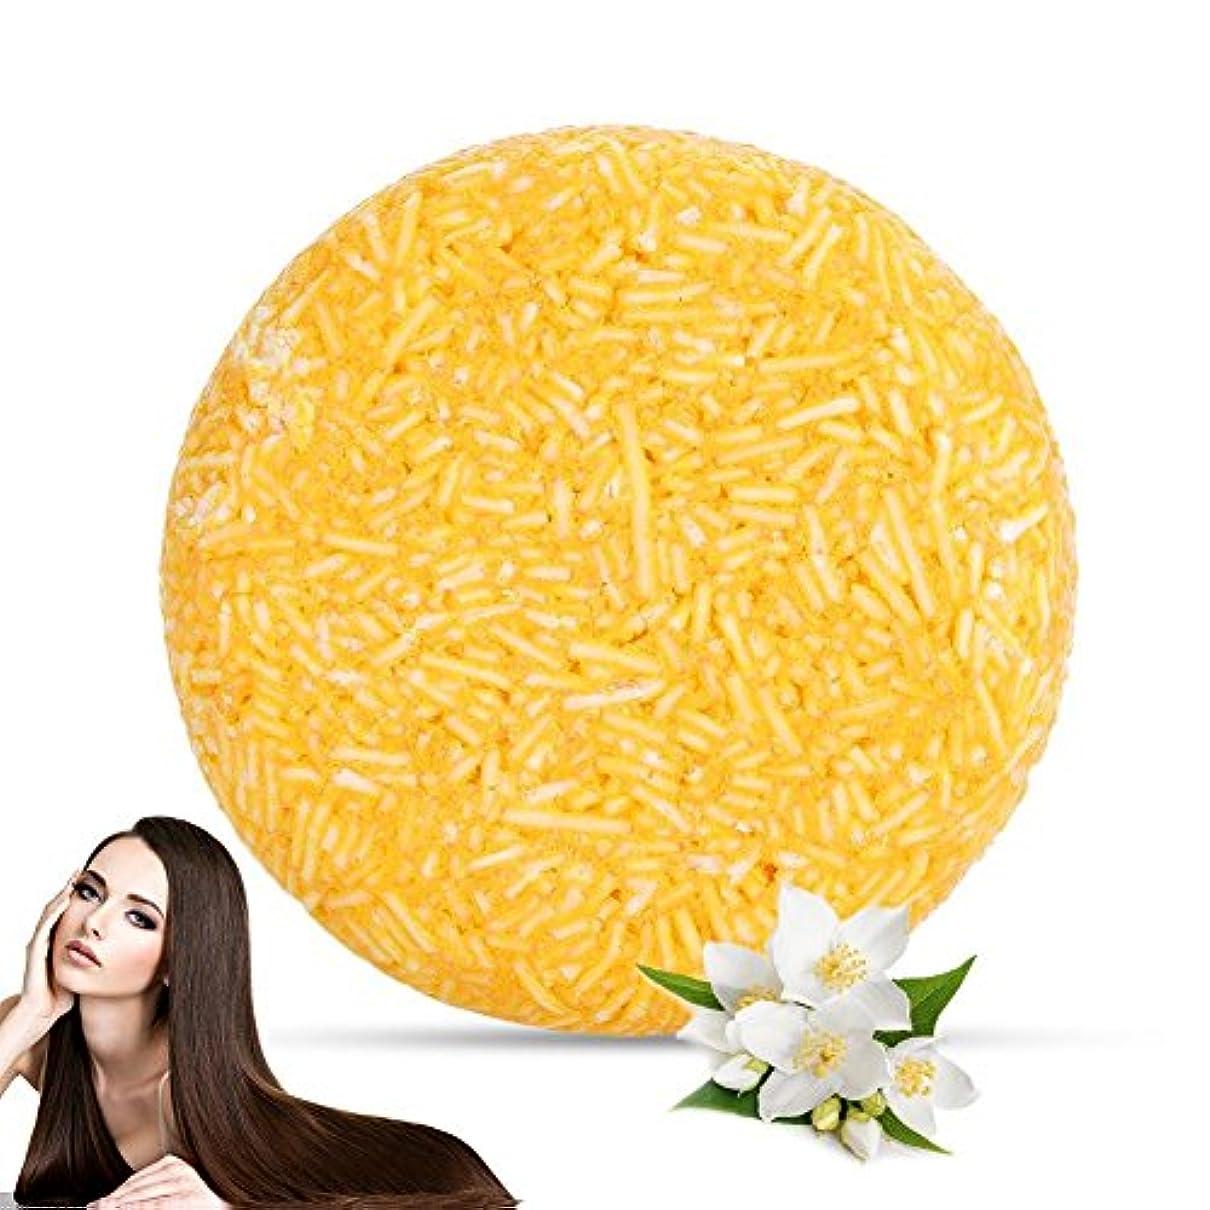 収益いらいらするマントSemme毛シャンプー手作り石鹸、天然植物エキスエッセンシャルオイル栄養頭皮育毛風呂石鹸ケアの脱毛に使用(Jasmine)